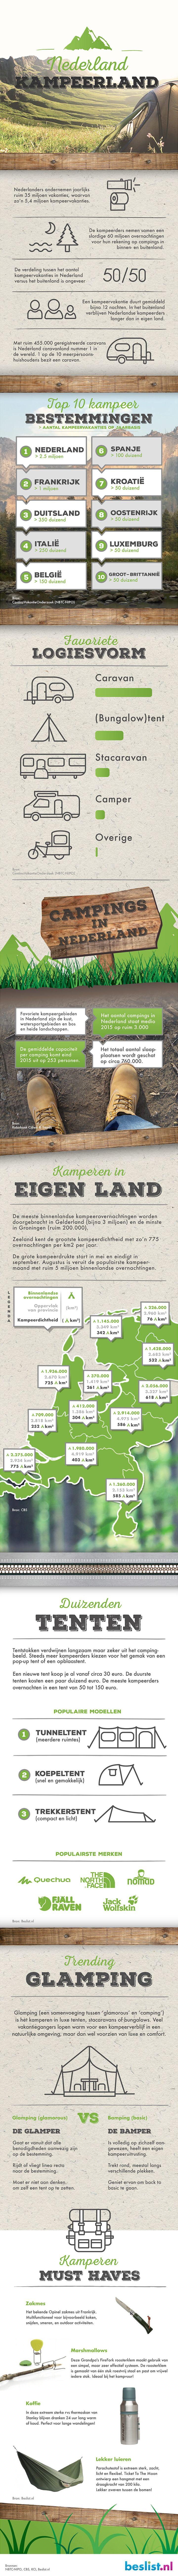 infographic-kamperen